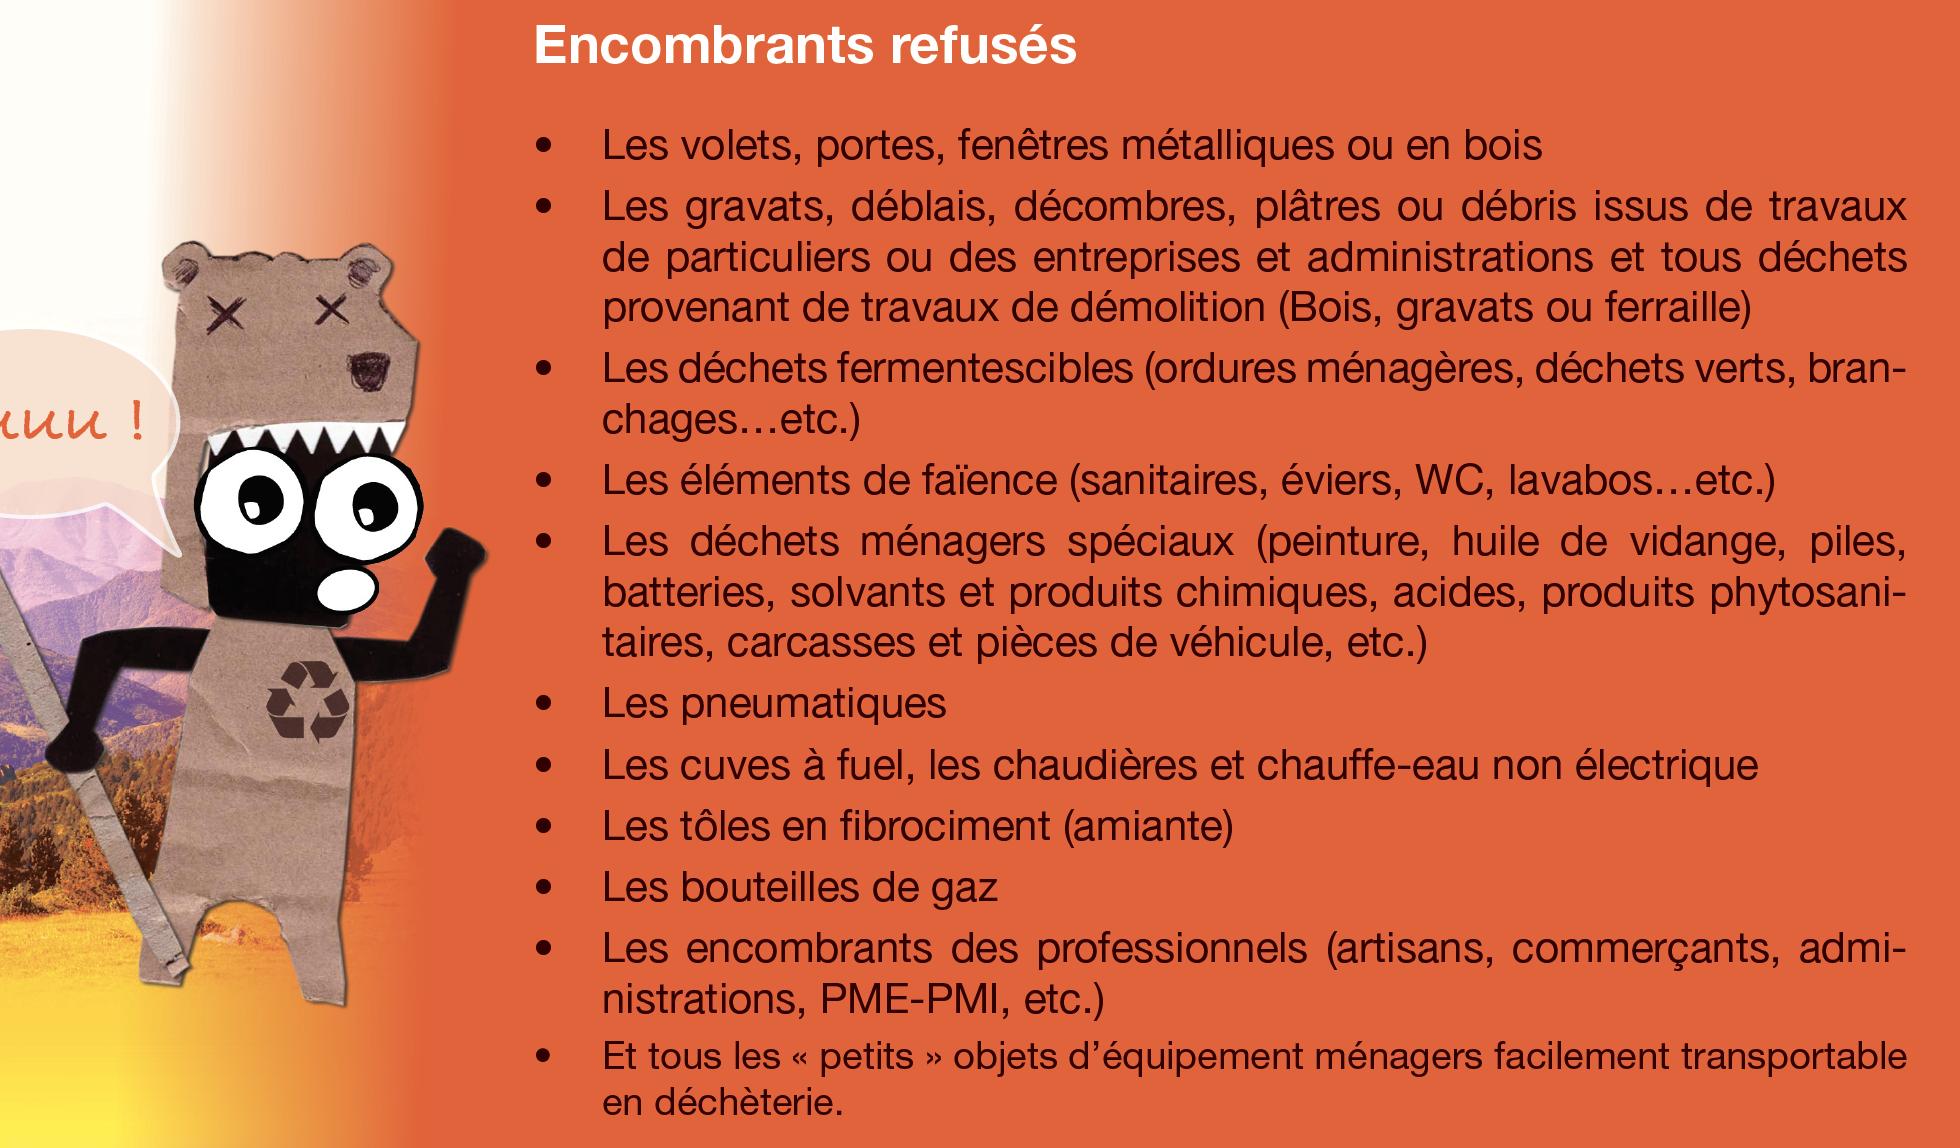 Encombrants2.png